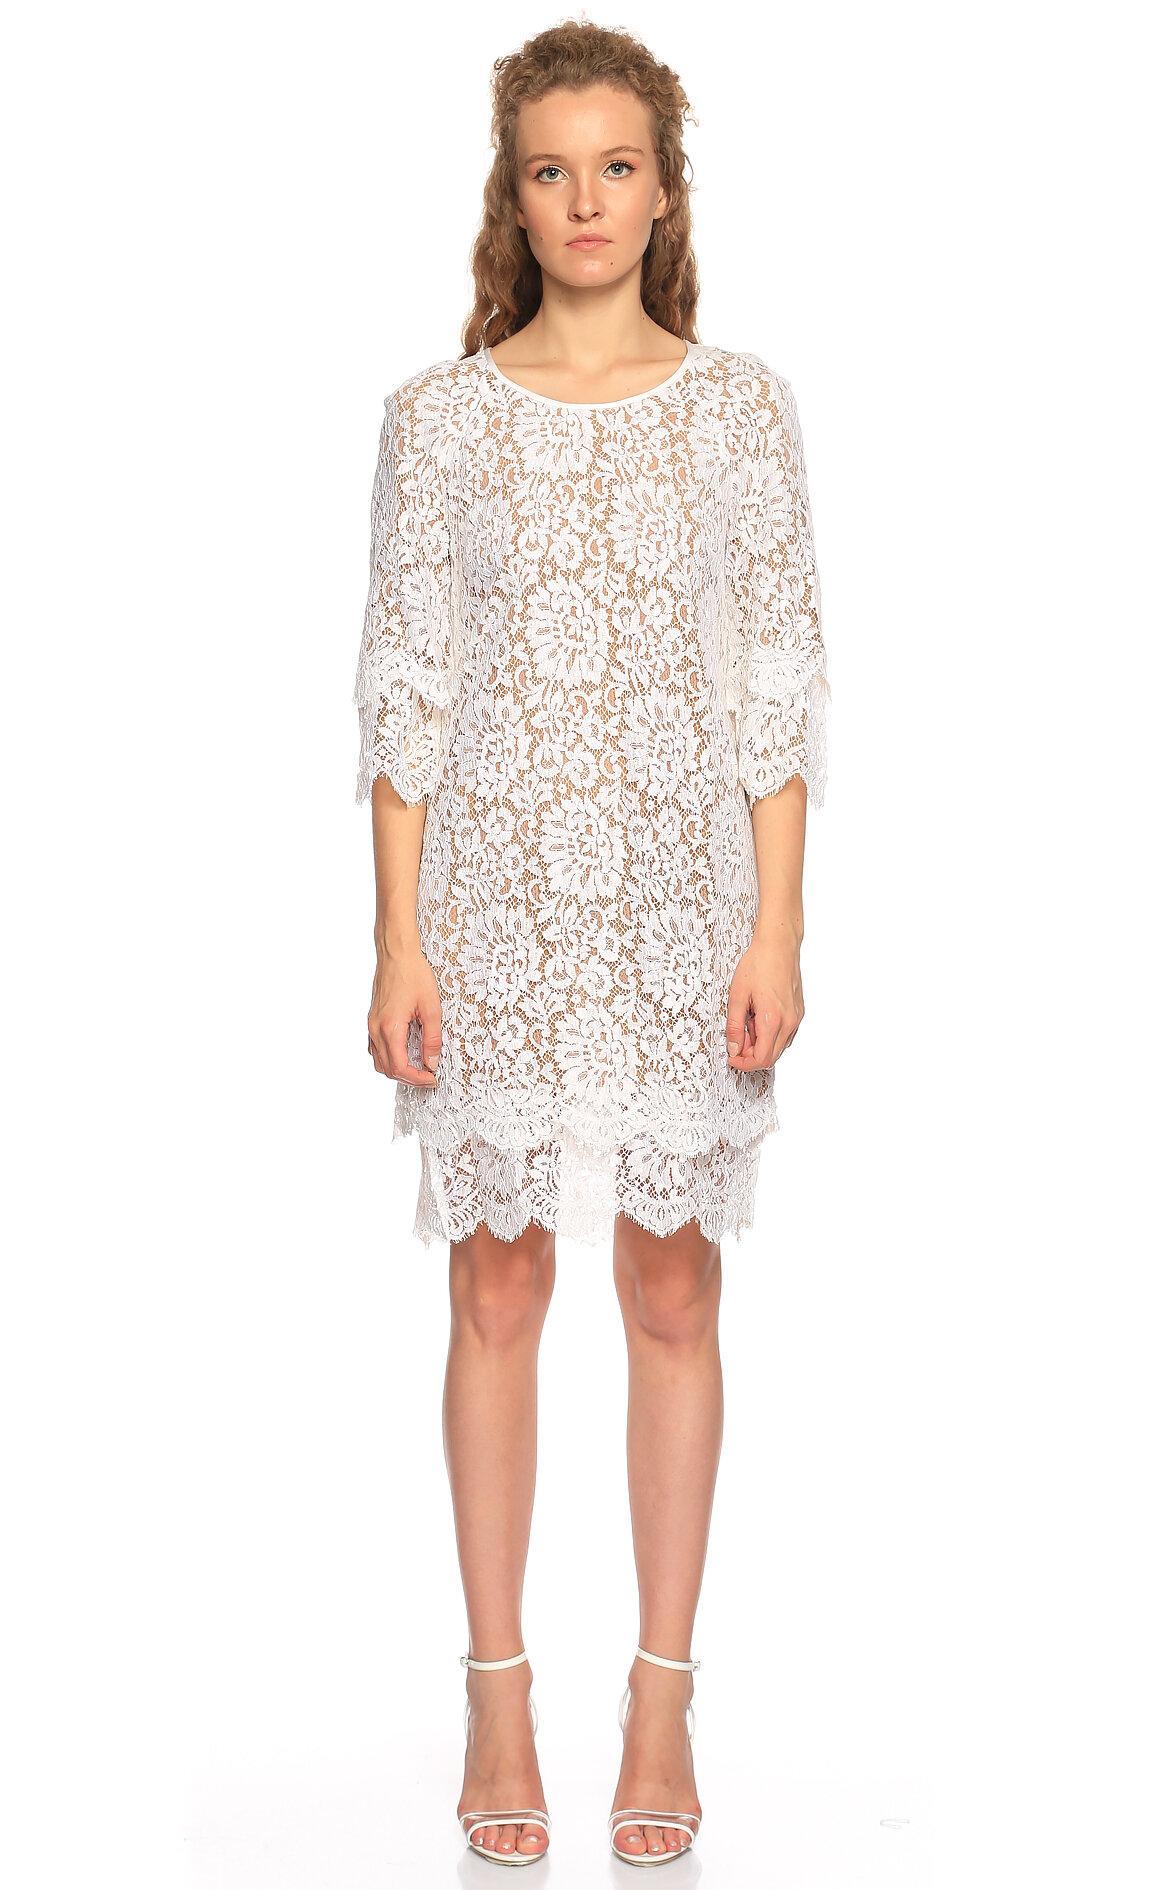 Michael Kors Collection-Michael Kors Collection Dantel Desen Beyaz Elbise